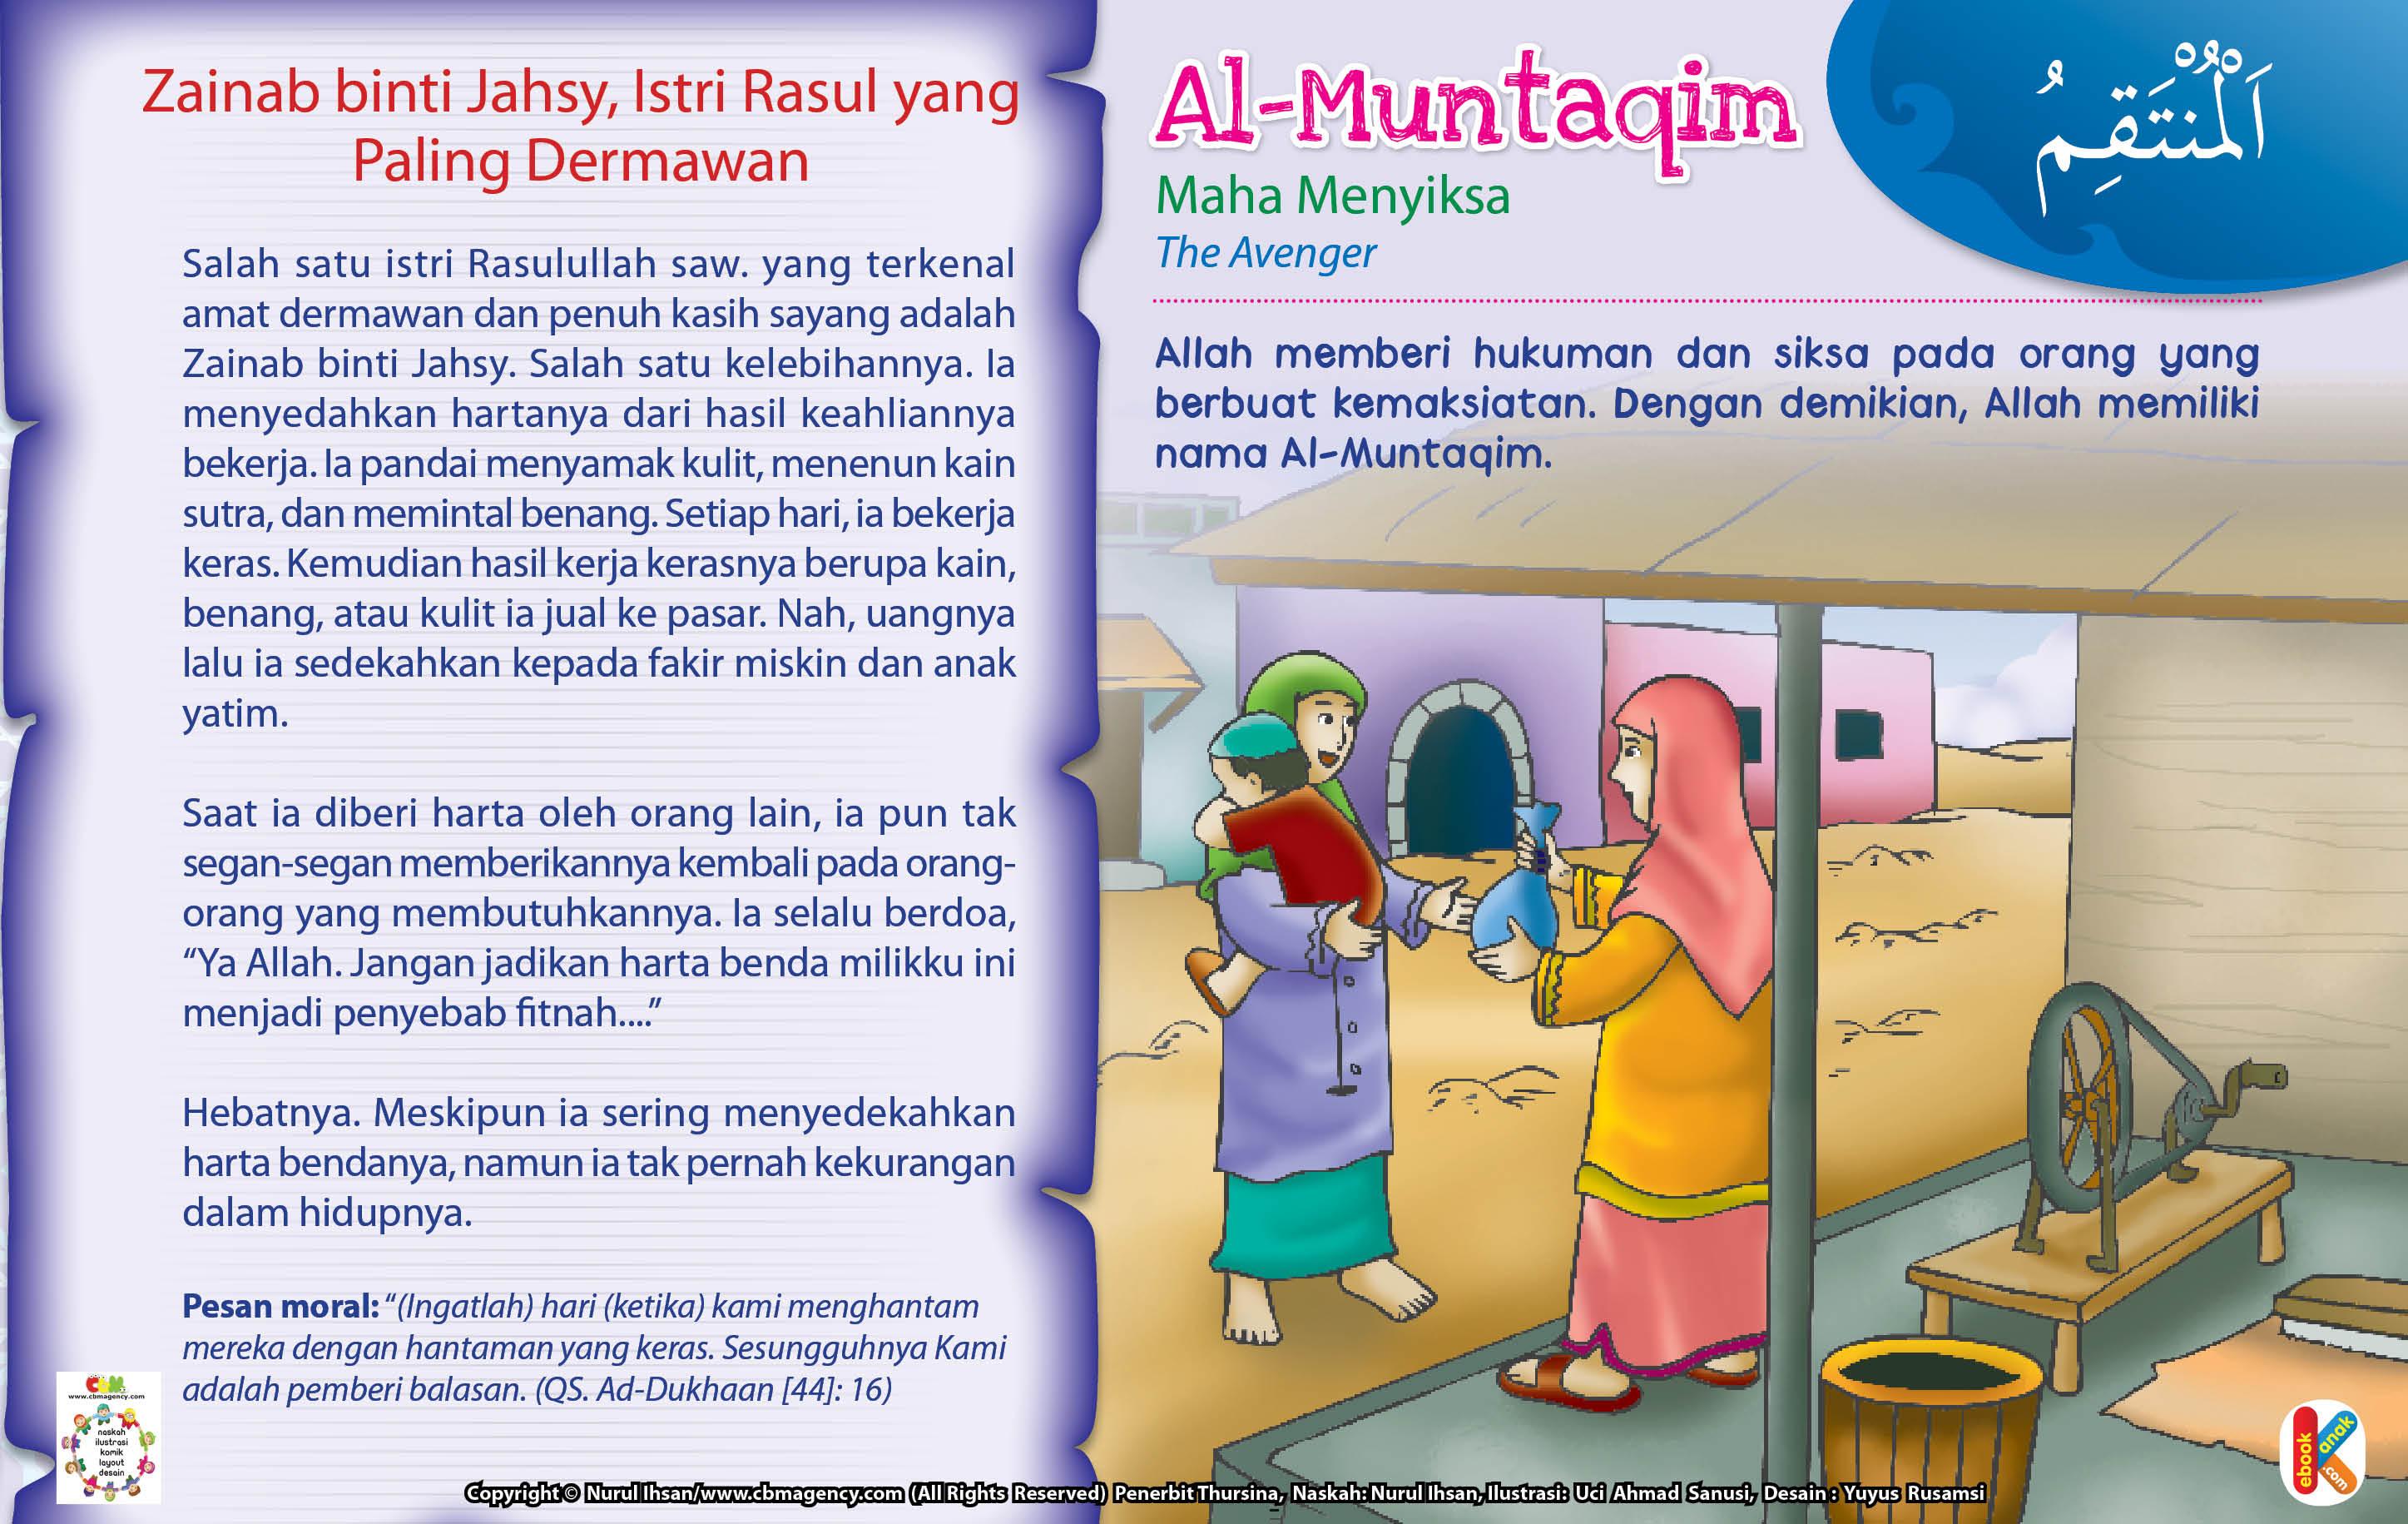 Salah satu kelebihannya Zainab binti Jahsy adalah senang menyedahkan hartanya dari hasil keahliannya bekerja.